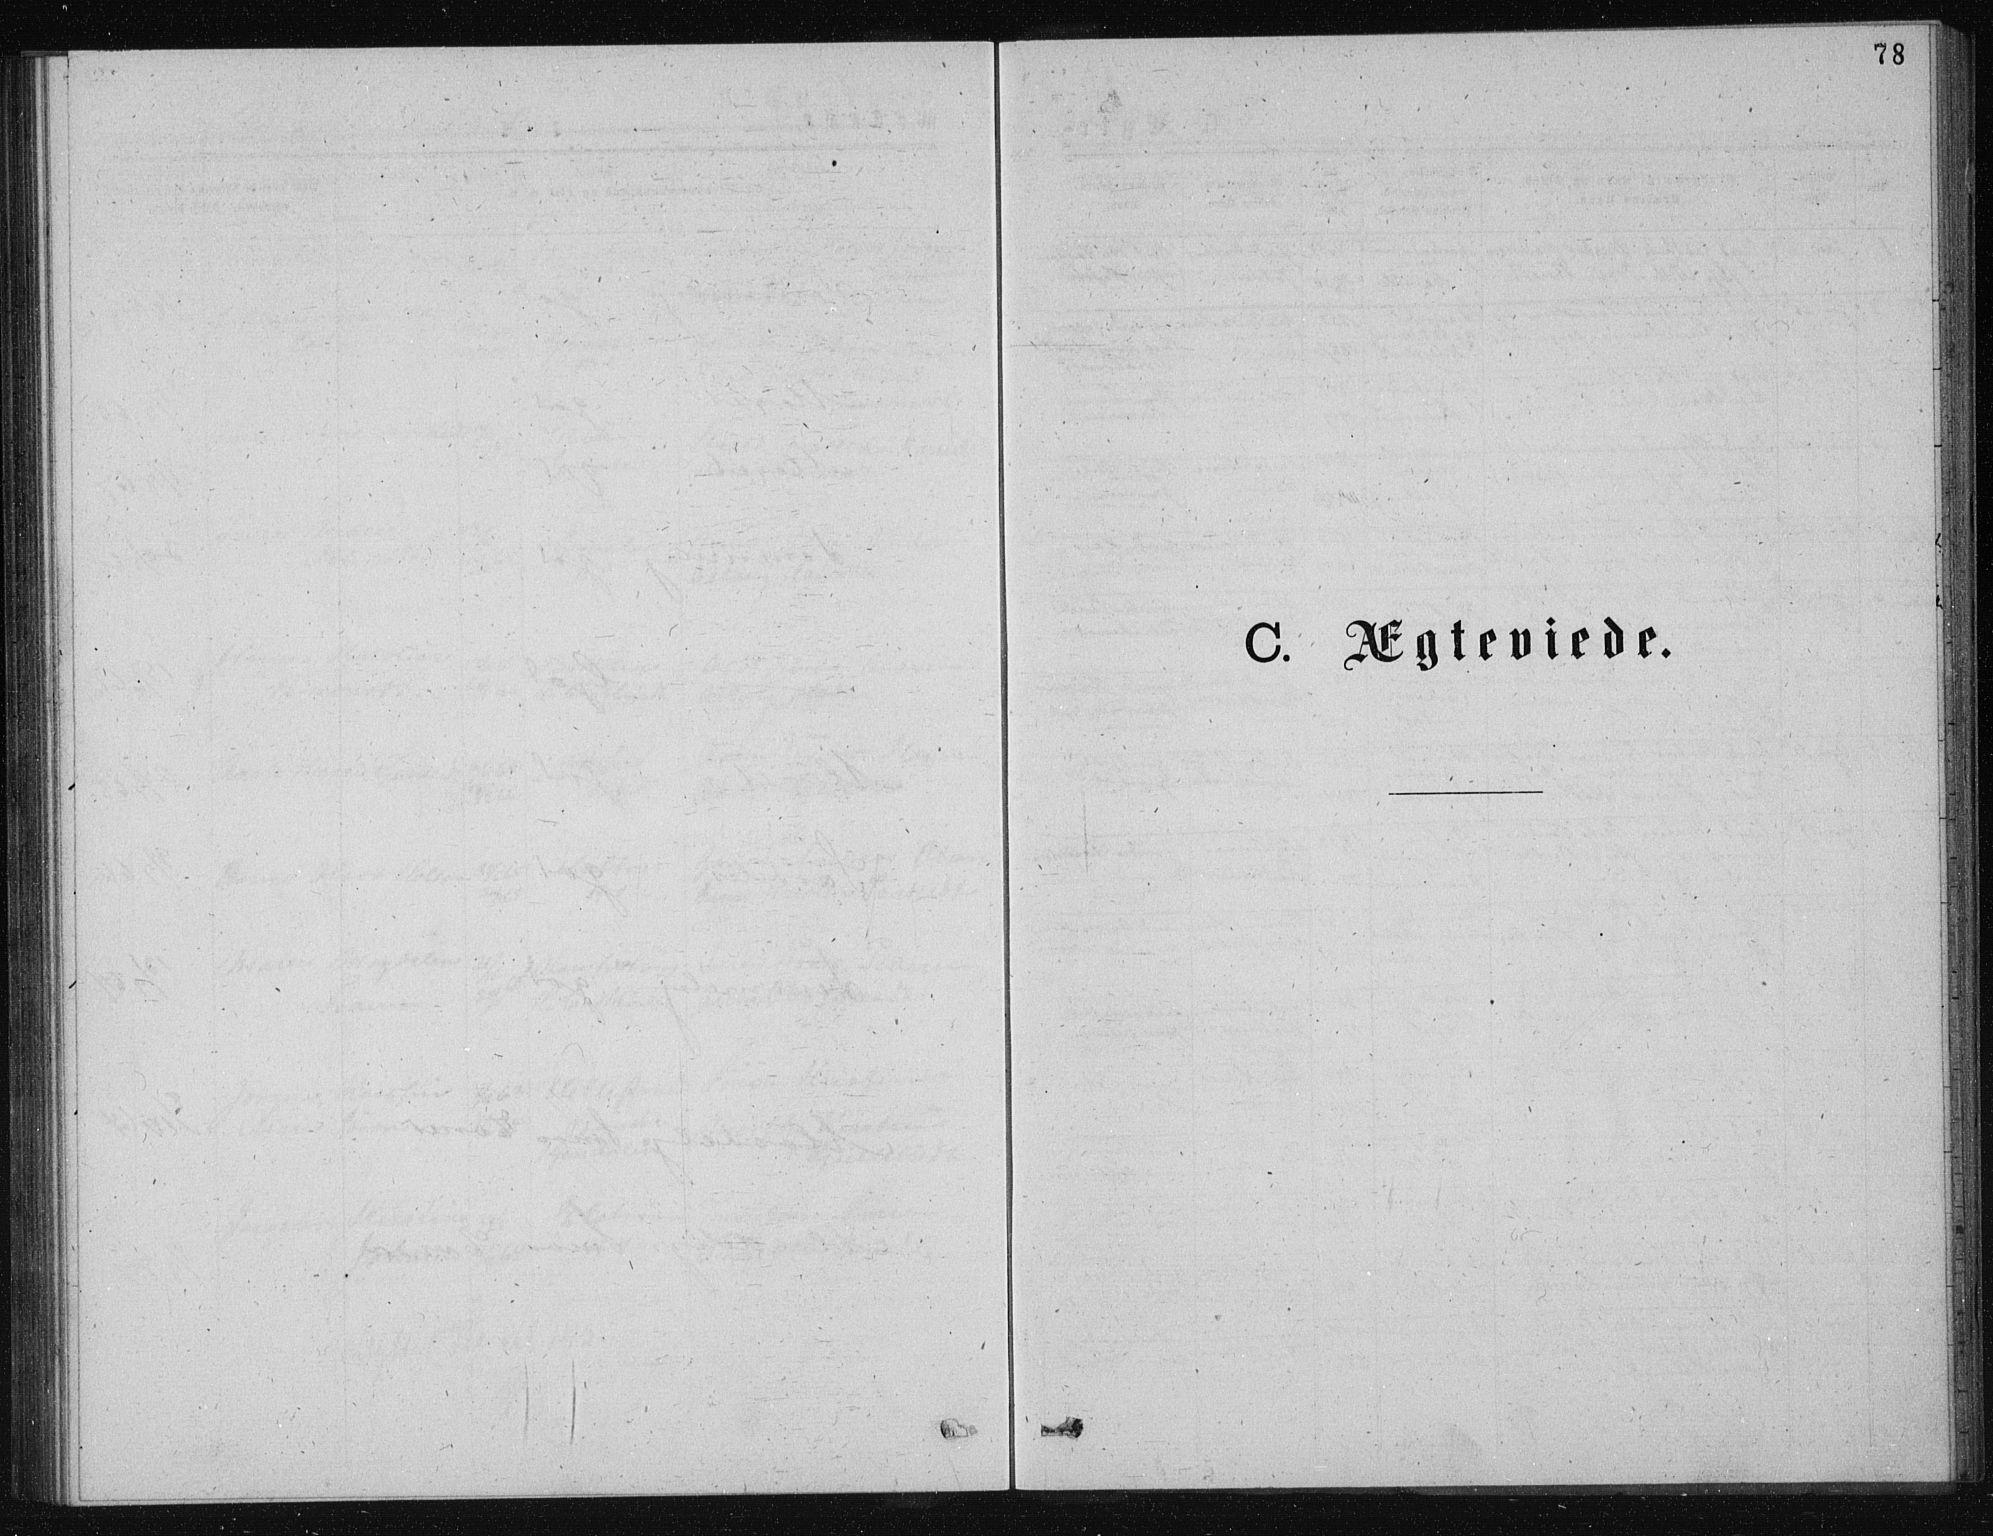 SAKO, Solum kirkebøker, G/Ga/L0005: Klokkerbok nr. I 5, 1877-1881, s. 78